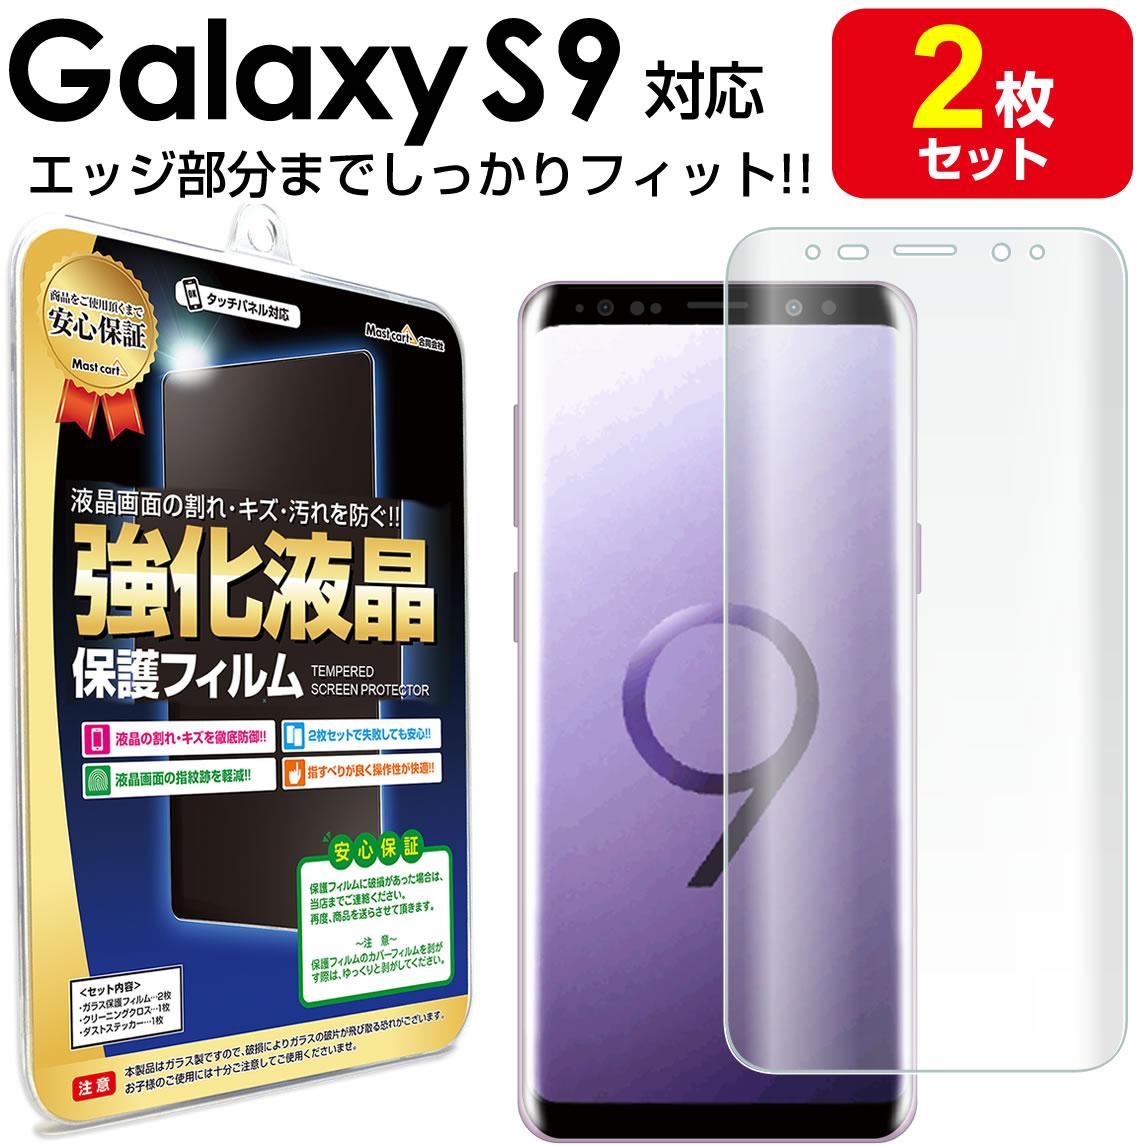 エッジ部分まで保護フィルムがしっかり密着 Galaxy S9 au SCV38 docomo SC-02K 専用気泡が入っても自然と消える仕様です 3Dフルカバー 2枚セット 商舗 保護フィルム galaxys9 s 9 ギャラクシー 保護 シート ギャラクシーs9 画面 カバー 防止 透明 画面保護 今だけ限定15%OFFクーポン発行中 液晶保護 ina TPU 液晶 フィルム アクセサリー 送料無料